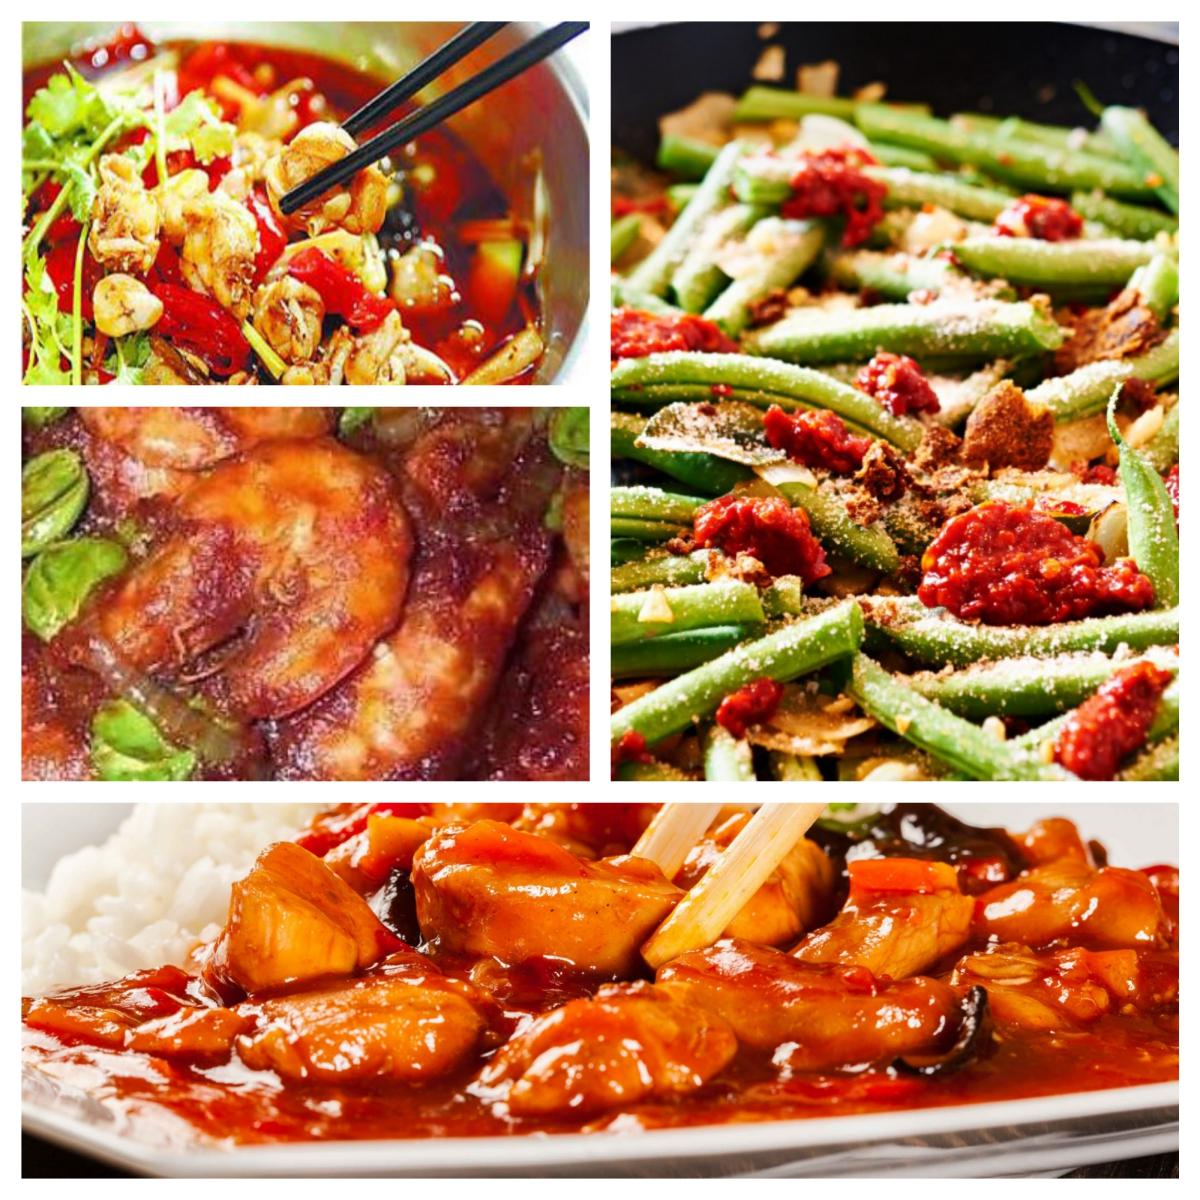 welke wijn drink je bij aziatisch, chinees of ander pittig eten